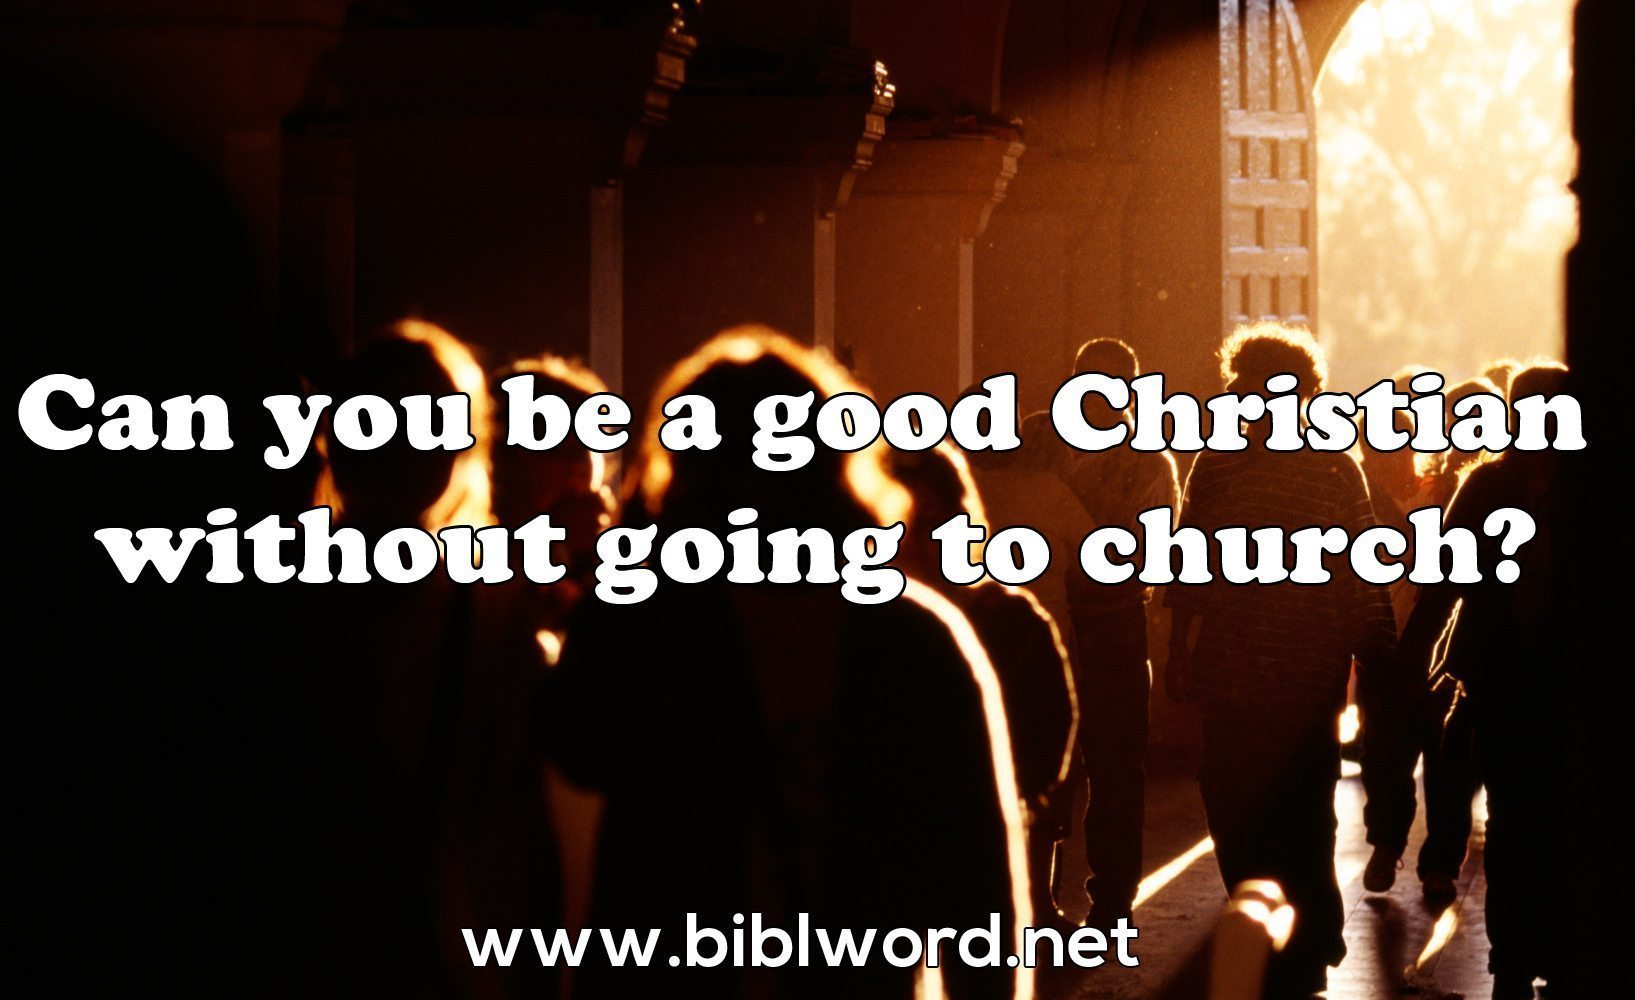 คุณสามารถเป็นคริสเตียนที่ดีโดยไม่ต้องไปคริสตจักรได้หรือไม่ ?